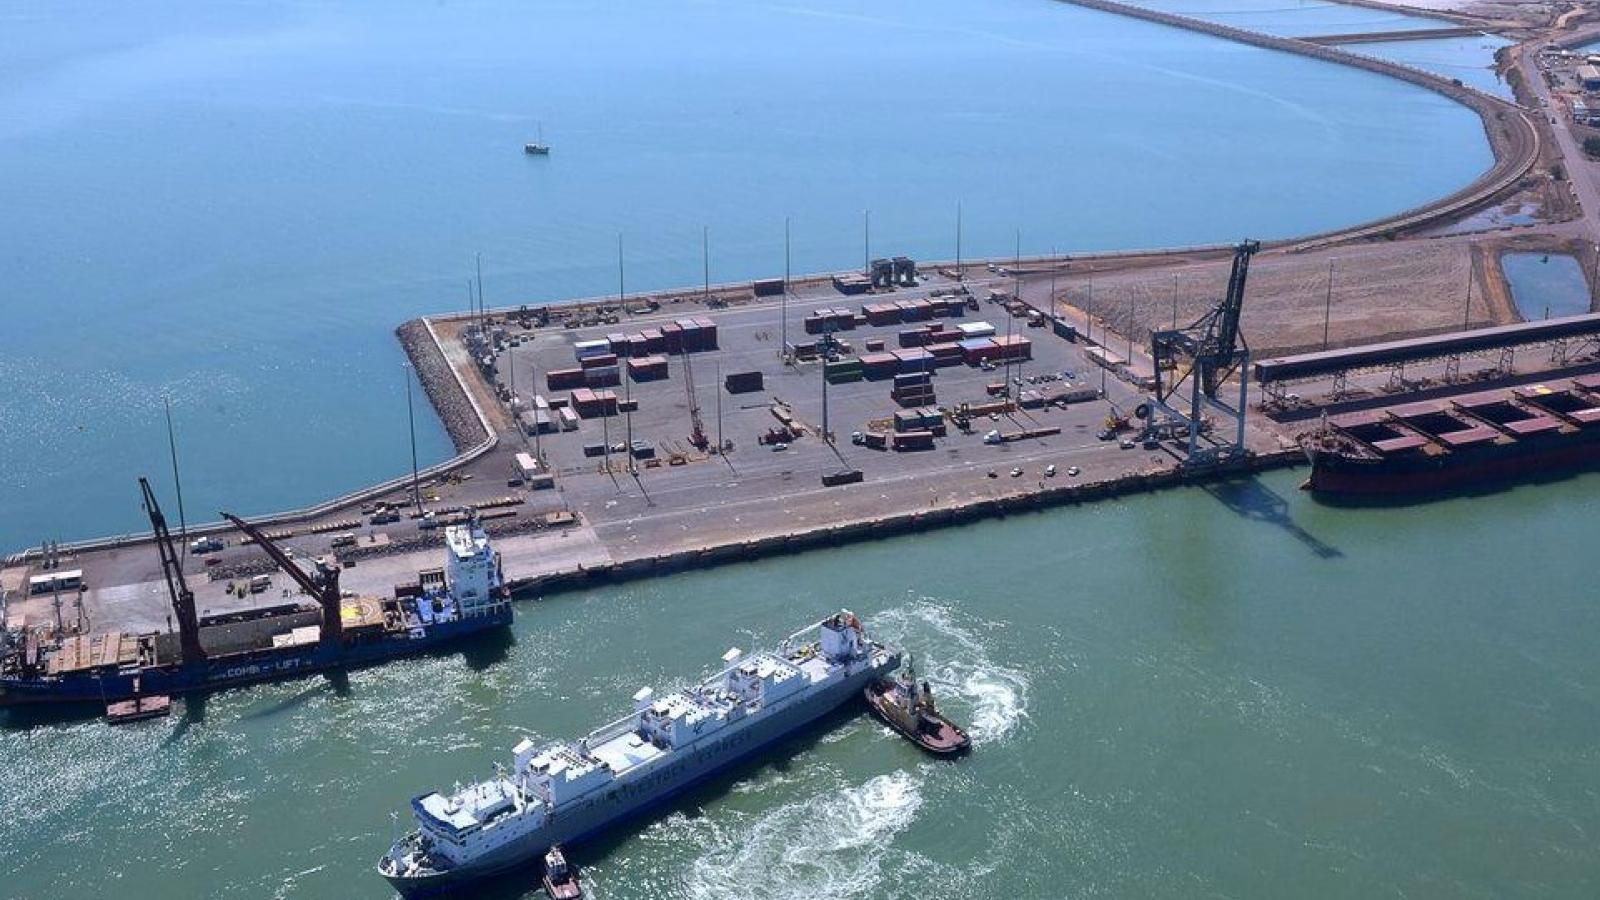 Một số nghị sĩ Australia muốn xem xét lại việc cho Trung Quốc thuê cảng Darwin